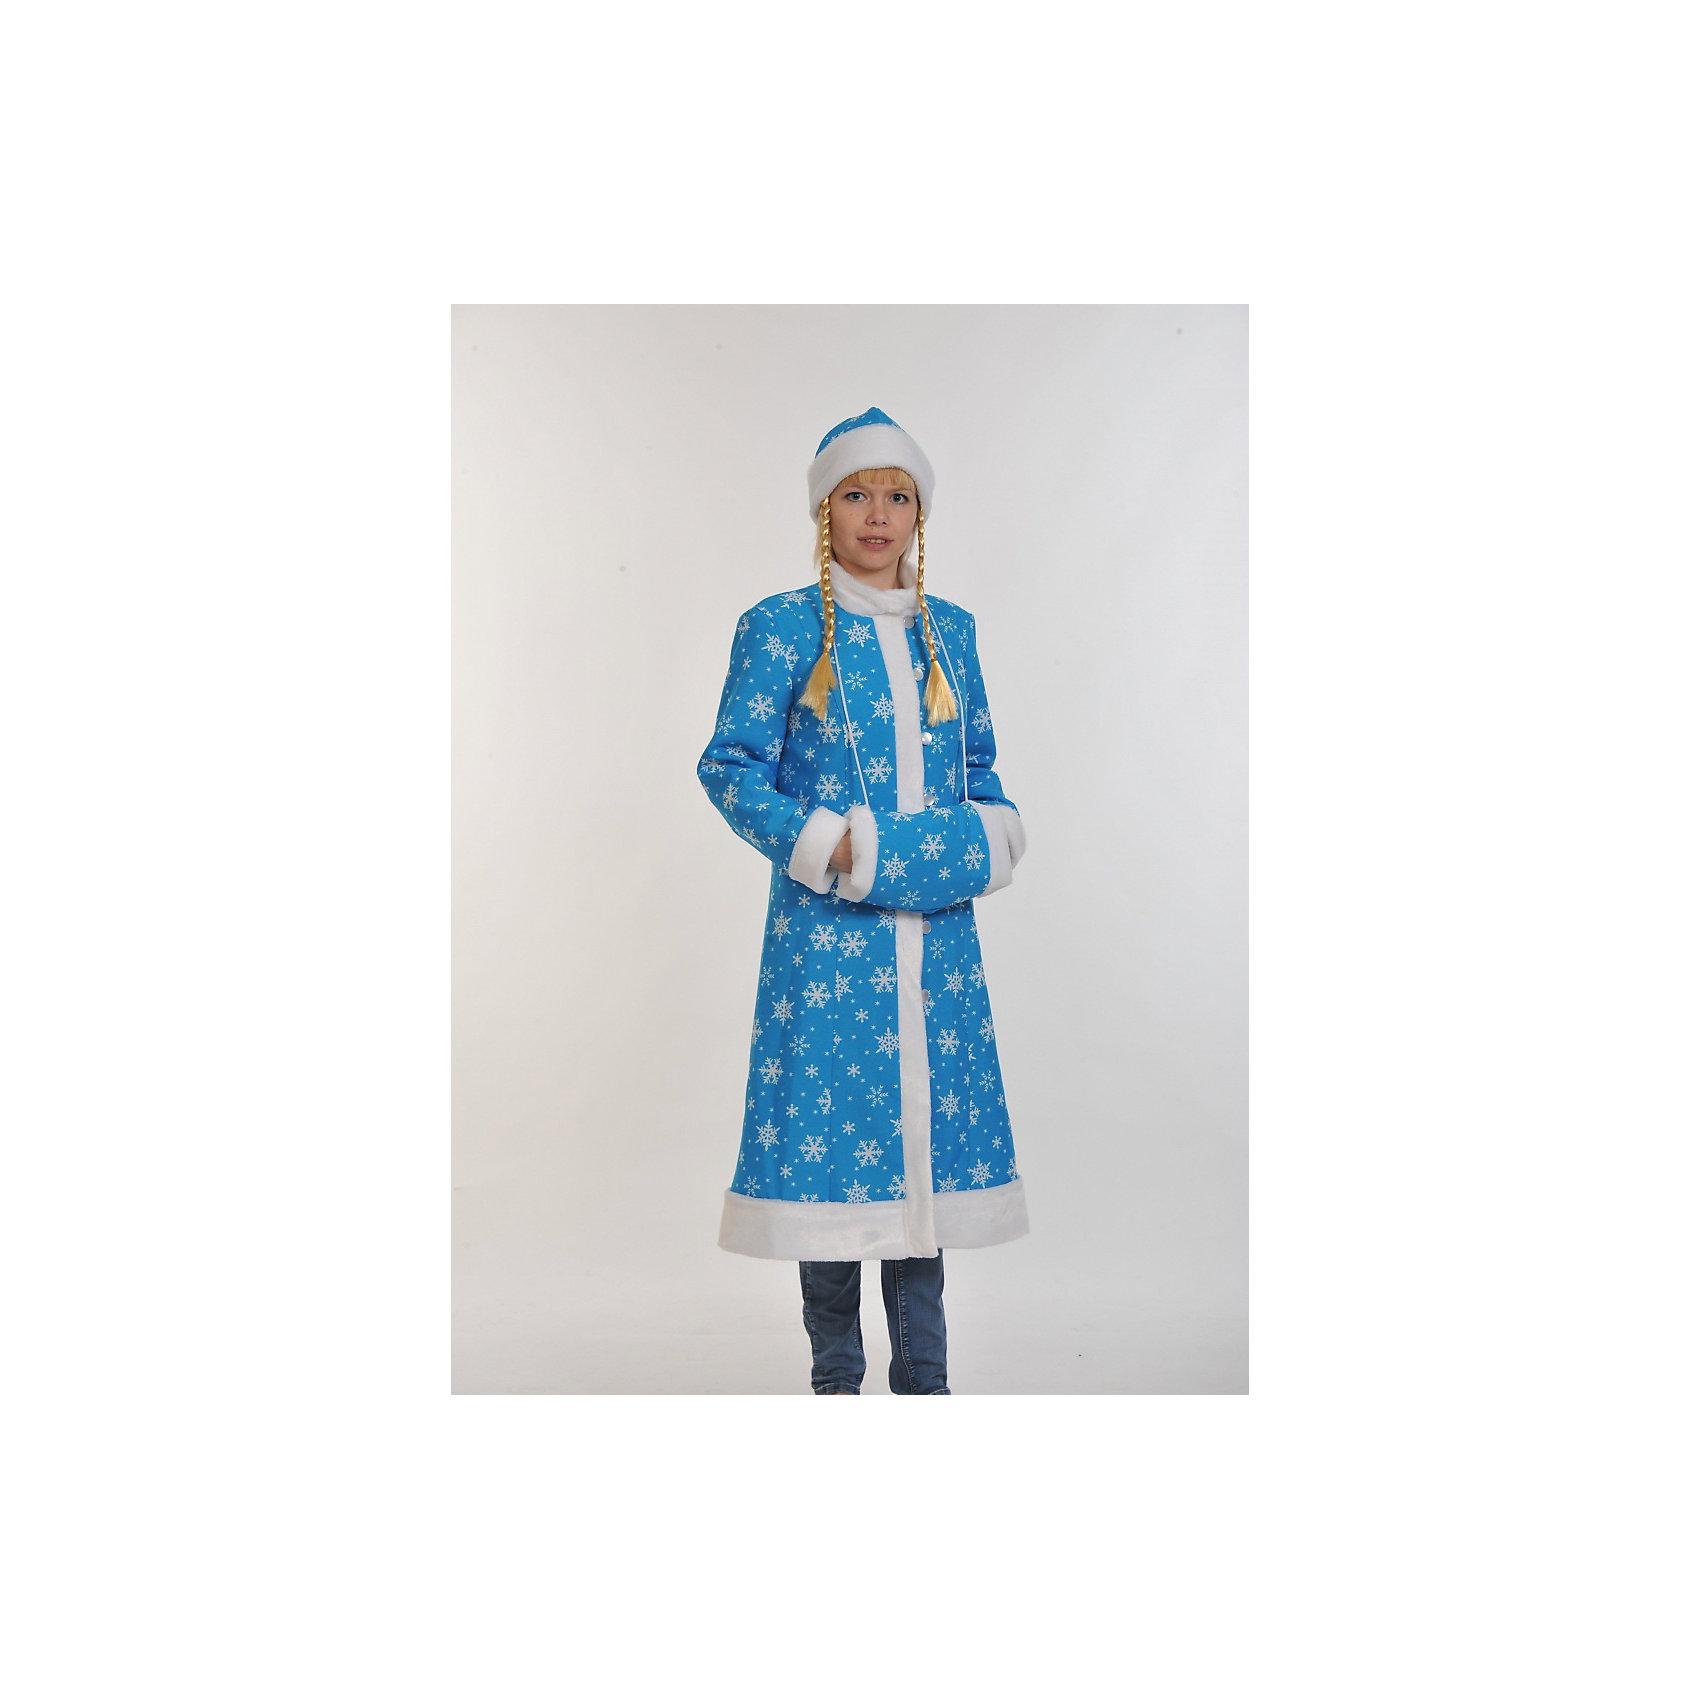 Костюм Снегурочка МИДИ, размер M 46-48/170, КарнавалоффКарнавальные костюмы<br>Характеристики товара:<br><br>• цвет: голубой<br>• комплектация: шуба, шапка с косичками, муфта<br>• материал: текстиль, плюш<br>• для праздников и постановок<br>• упаковка: пакет<br>• размер: М 46-48/170<br>• страна бренда: Российская Федерация<br>• страна изготовитель: Российская Федерация<br><br>Новогодние праздники в России невозможны без Снегурочки. Легко перевоплотиться в неё можно, надев маскарадный костюм. Этот набор состоит из привычных предметов, в него входят шуба, шапка с косичками, муфта.<br>Костюм - среднего размера, поэтому подойдёт многим. Изделия удобно сидят и позволяют активно принимать участие в постановке или празднике. Модель хорошо проработана, сшита из качественных и проверенных материалов, которые безопасны для детей.<br><br>Костюм Снегурочка МИДИ, размер M 46-48/170,, от бренда Карнавалофф можно купить в нашем интернет-магазине.<br><br>Ширина мм: 260<br>Глубина мм: 440<br>Высота мм: 70<br>Вес г: 720<br>Возраст от месяцев: 60<br>Возраст до месяцев: 120<br>Пол: Женский<br>Возраст: Детский<br>SKU: 5177219